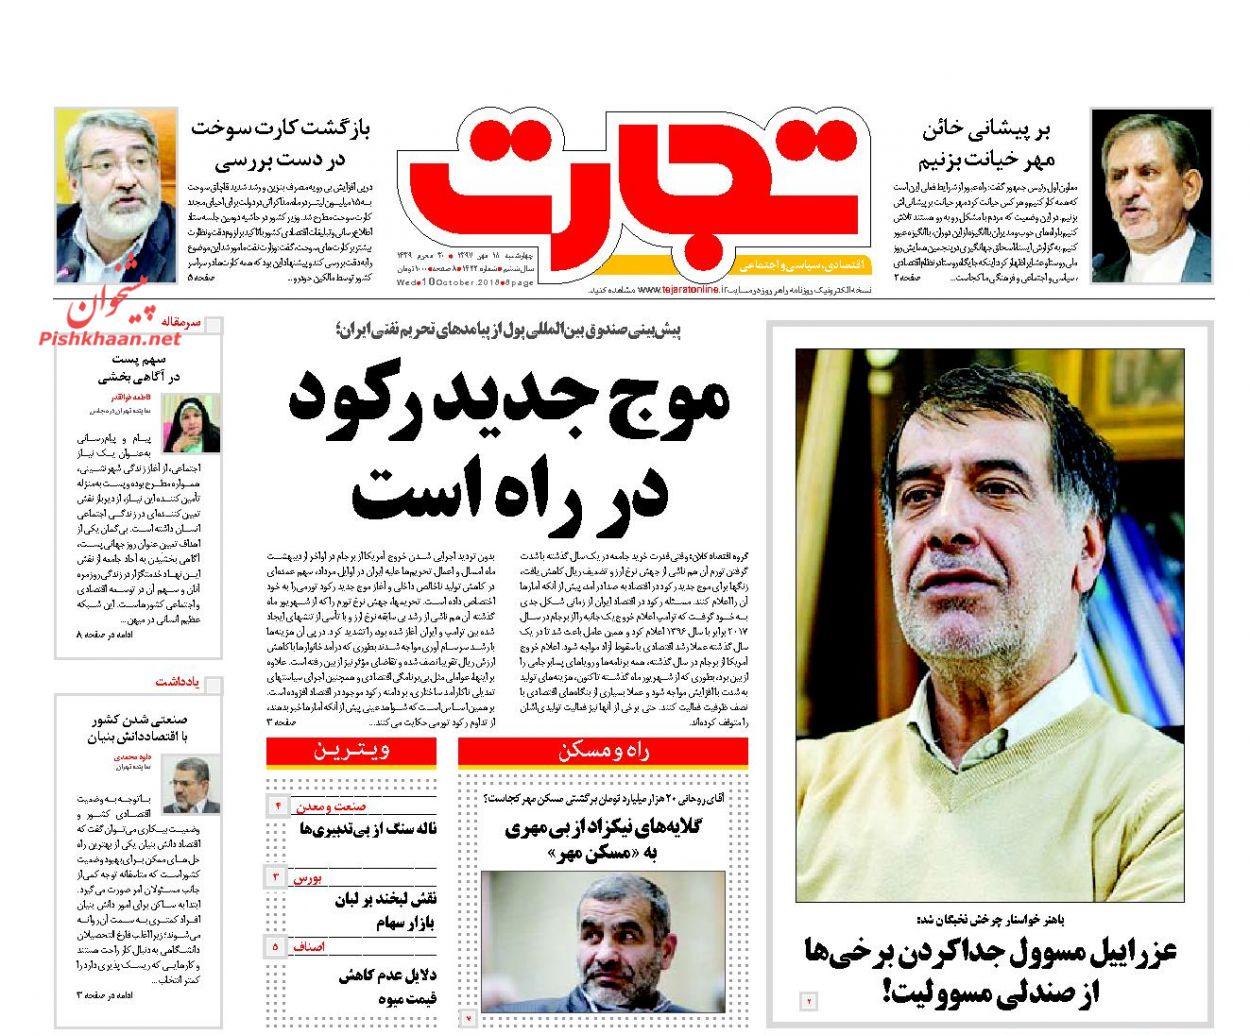 صفحه نخست روزنامه های اقتصادی 18 مهرماه